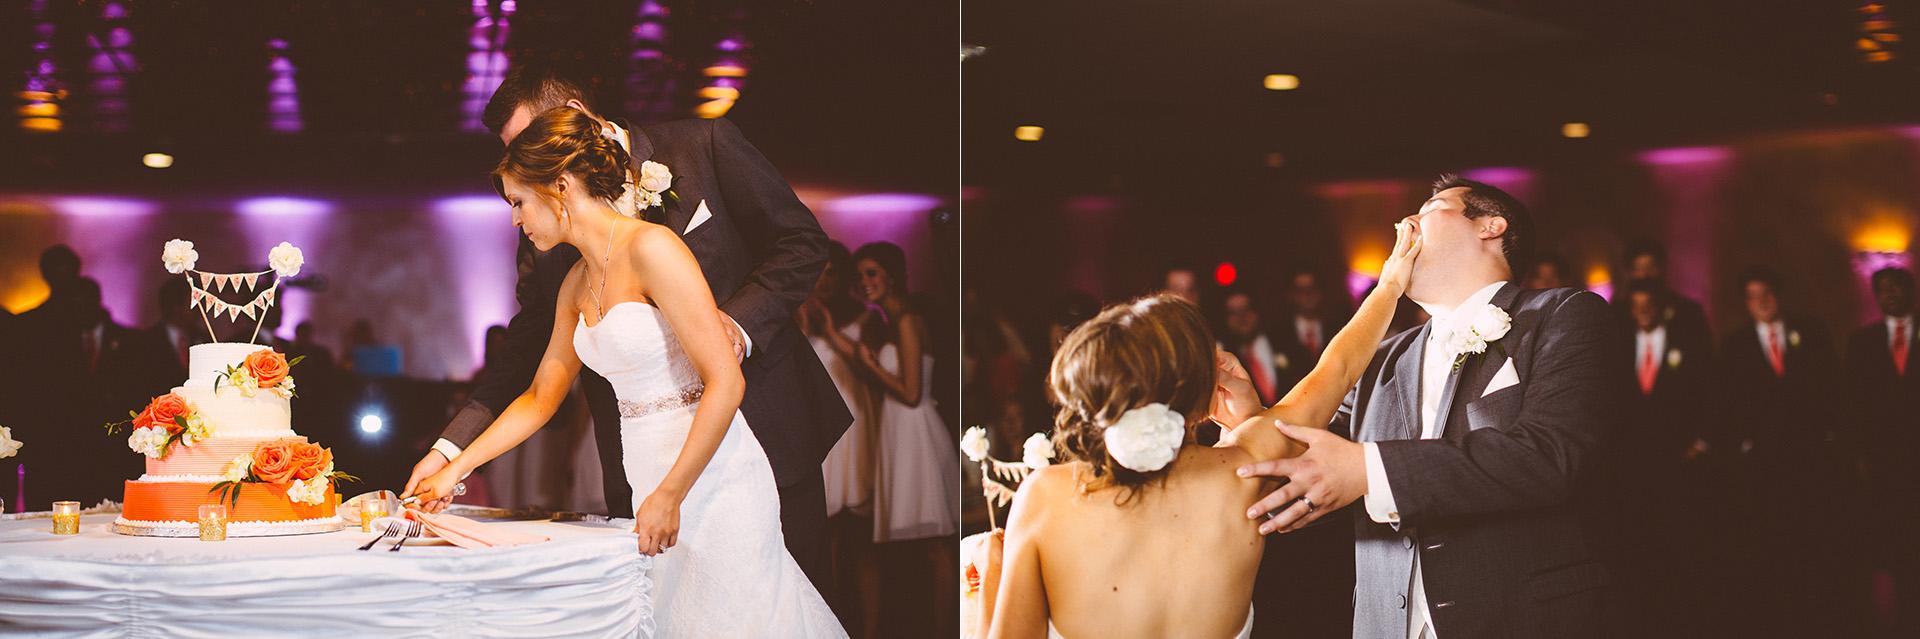 Amasa Stone Chapel Cleveland Wedding Photographer 49.jpg